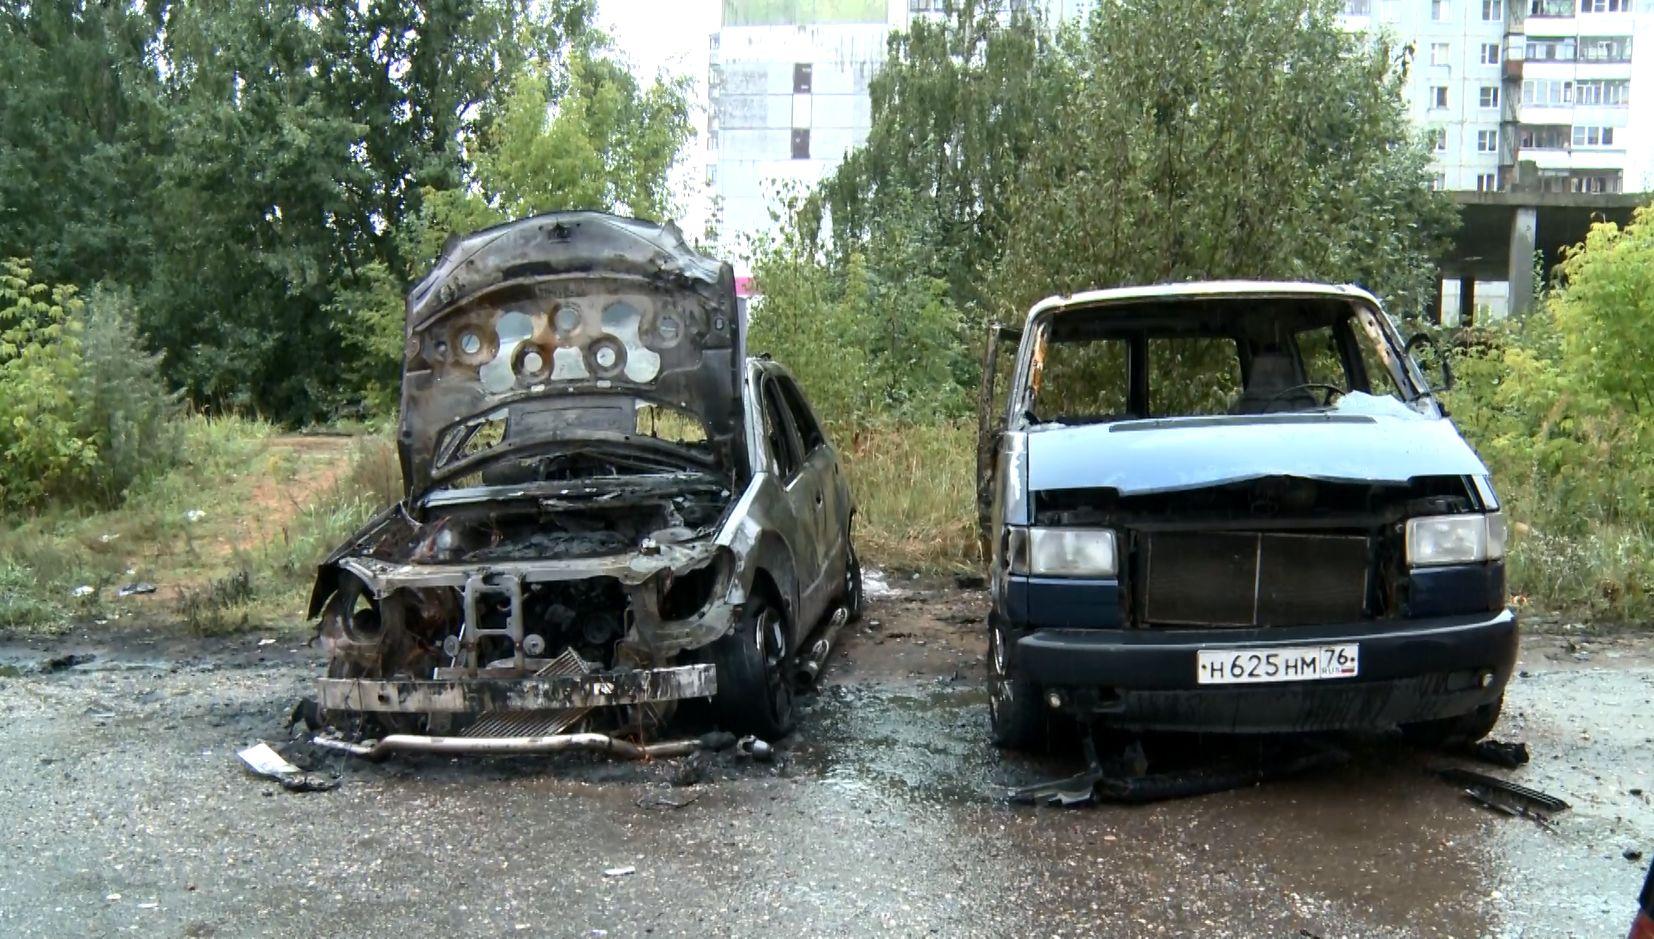 Крупный пожар случился ночью на улице Саукова в Ярославле